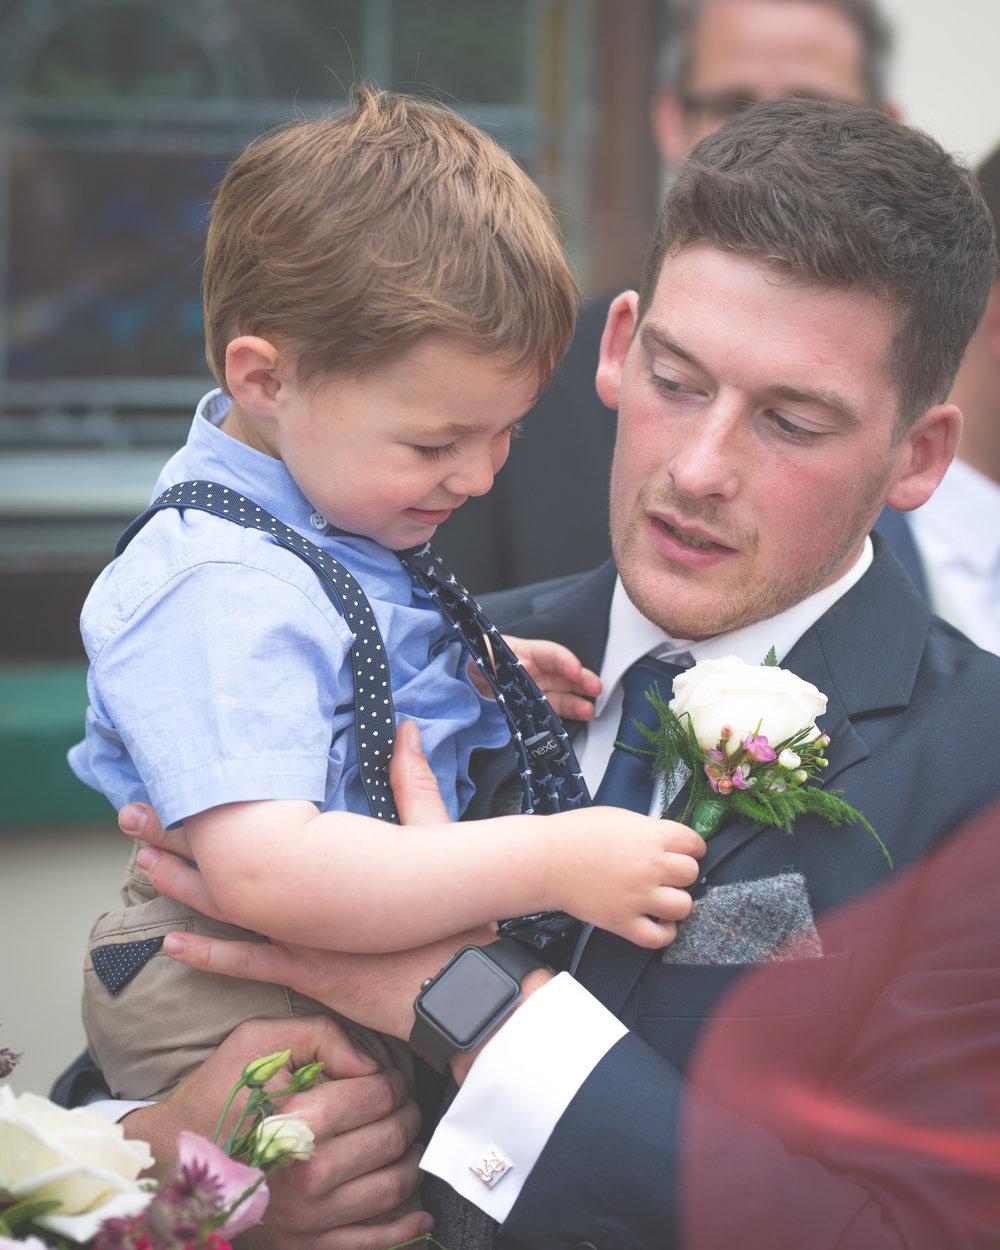 Brian McEwan Wedding Photography | Carol-Anne & Sean | The Ceremony-119.jpg